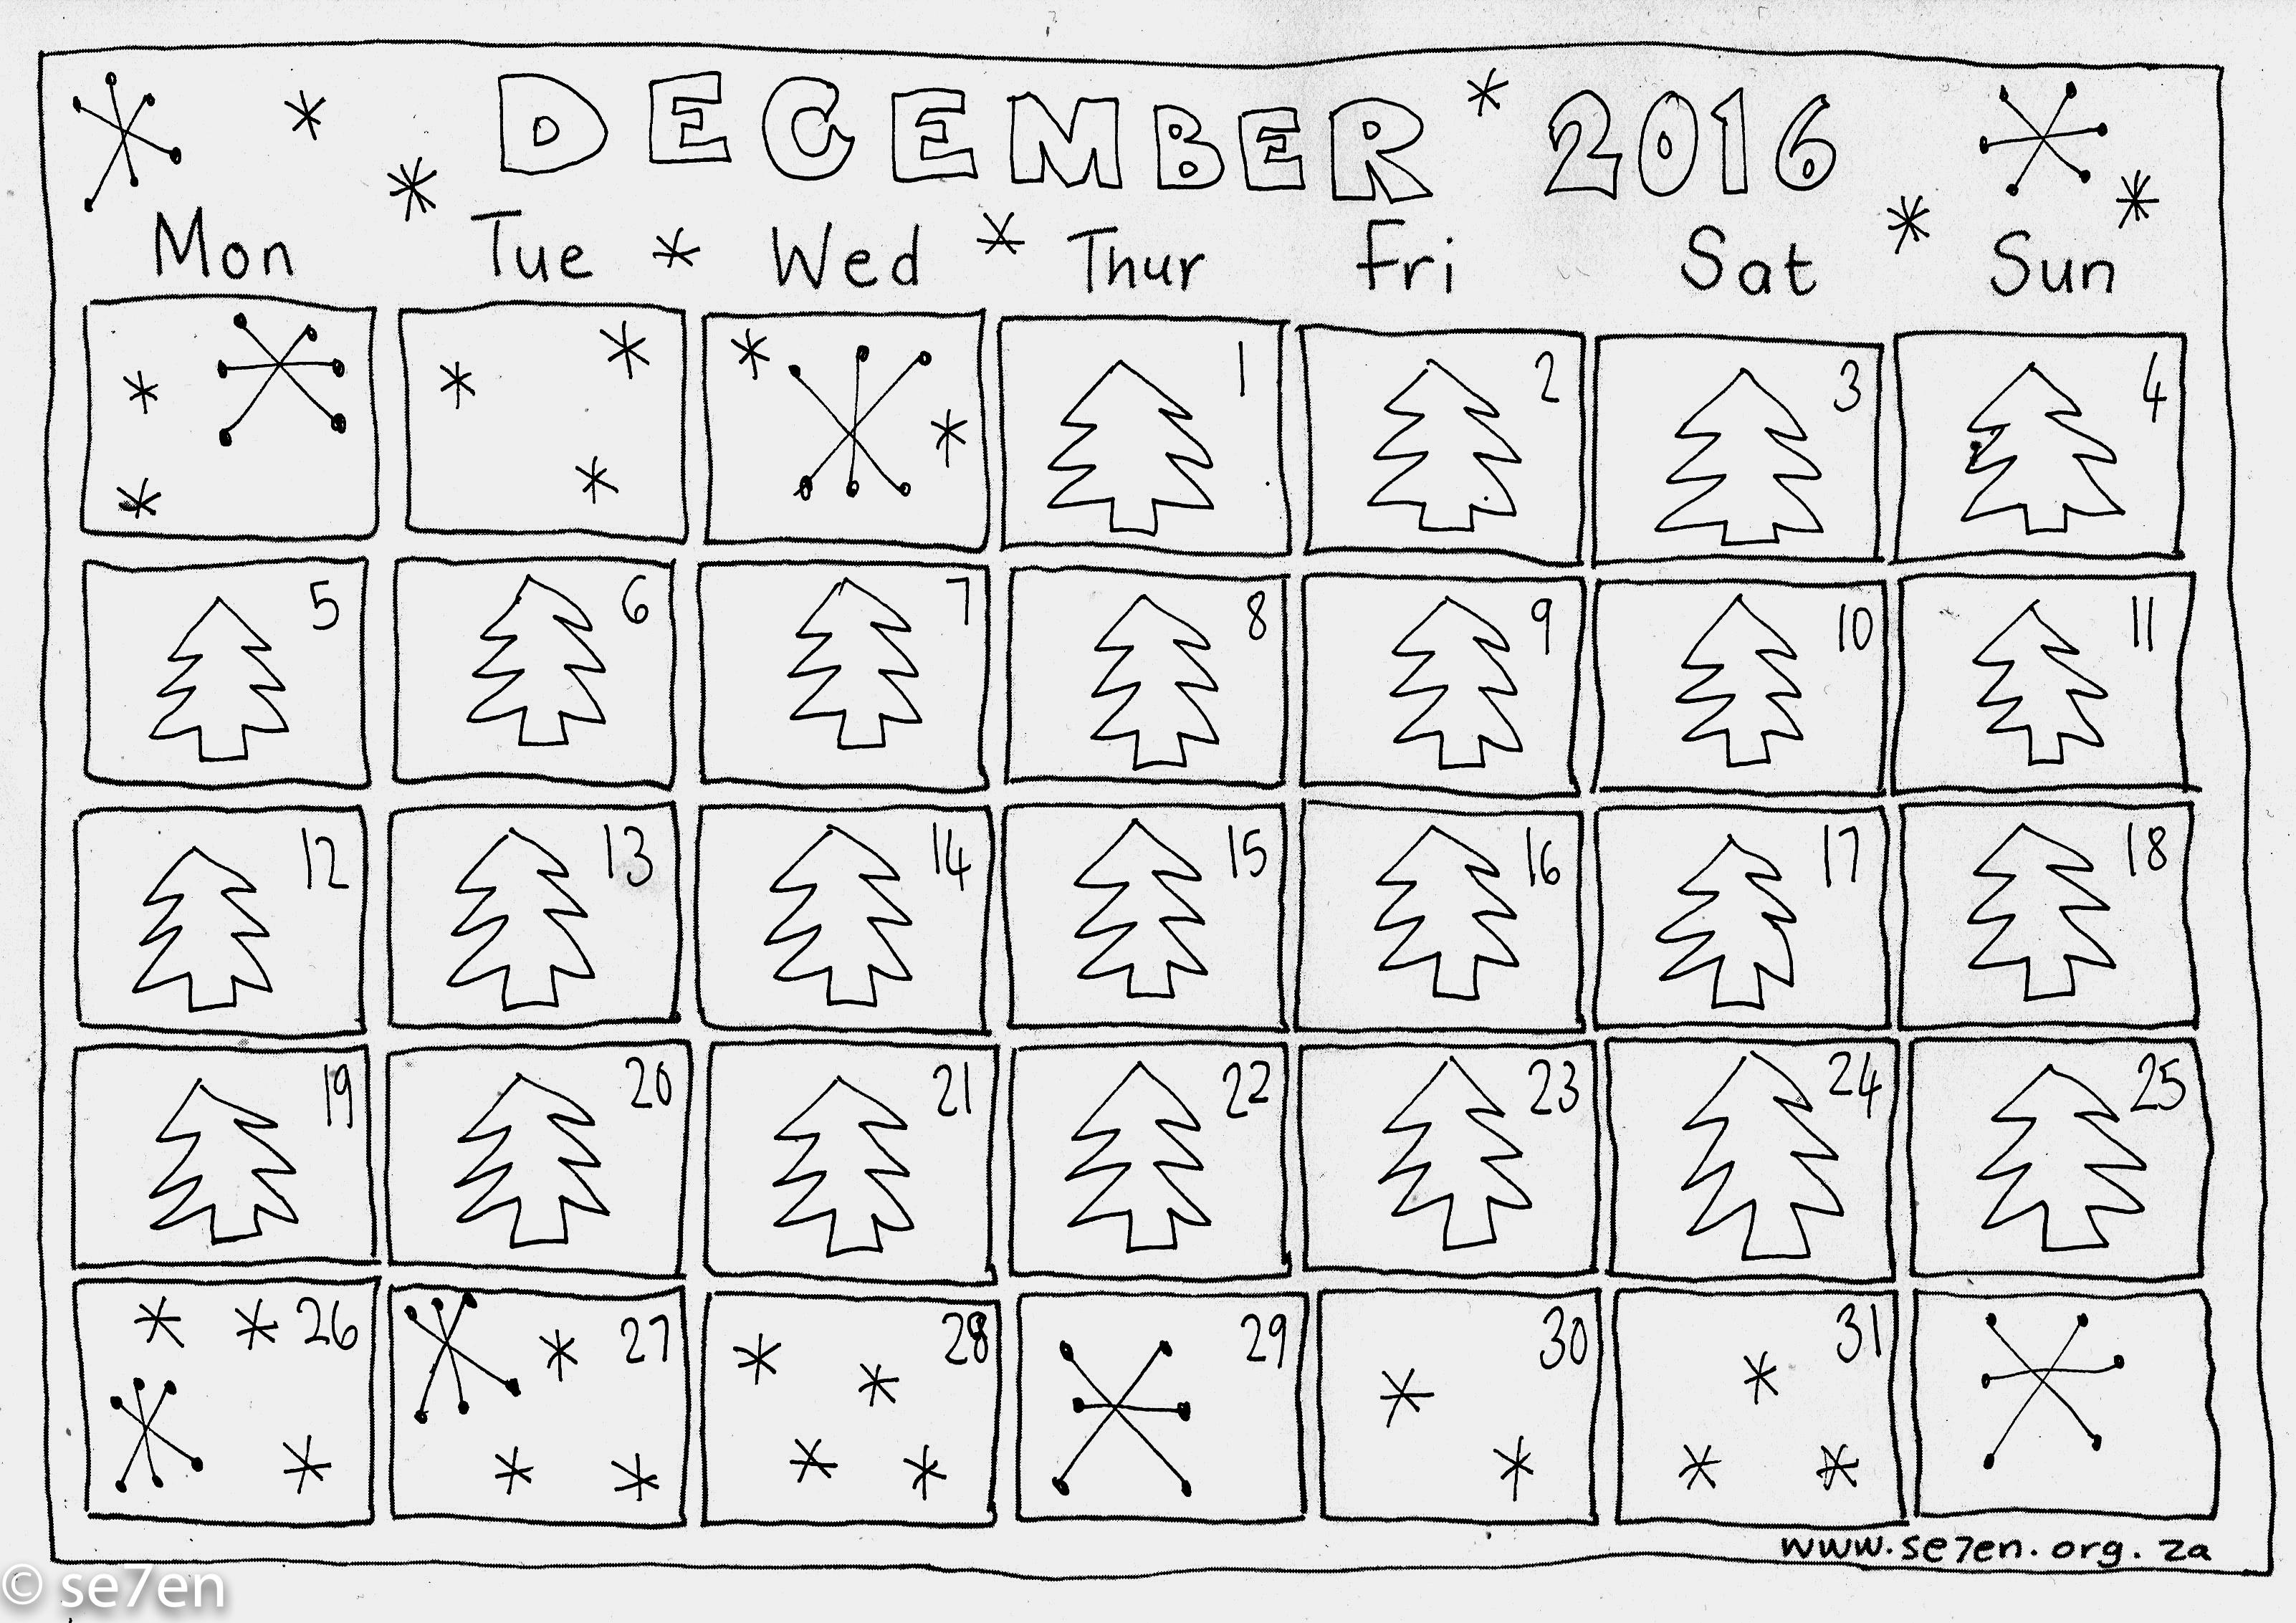 se7en-01-Dec-16-december 2016001-1.jpg